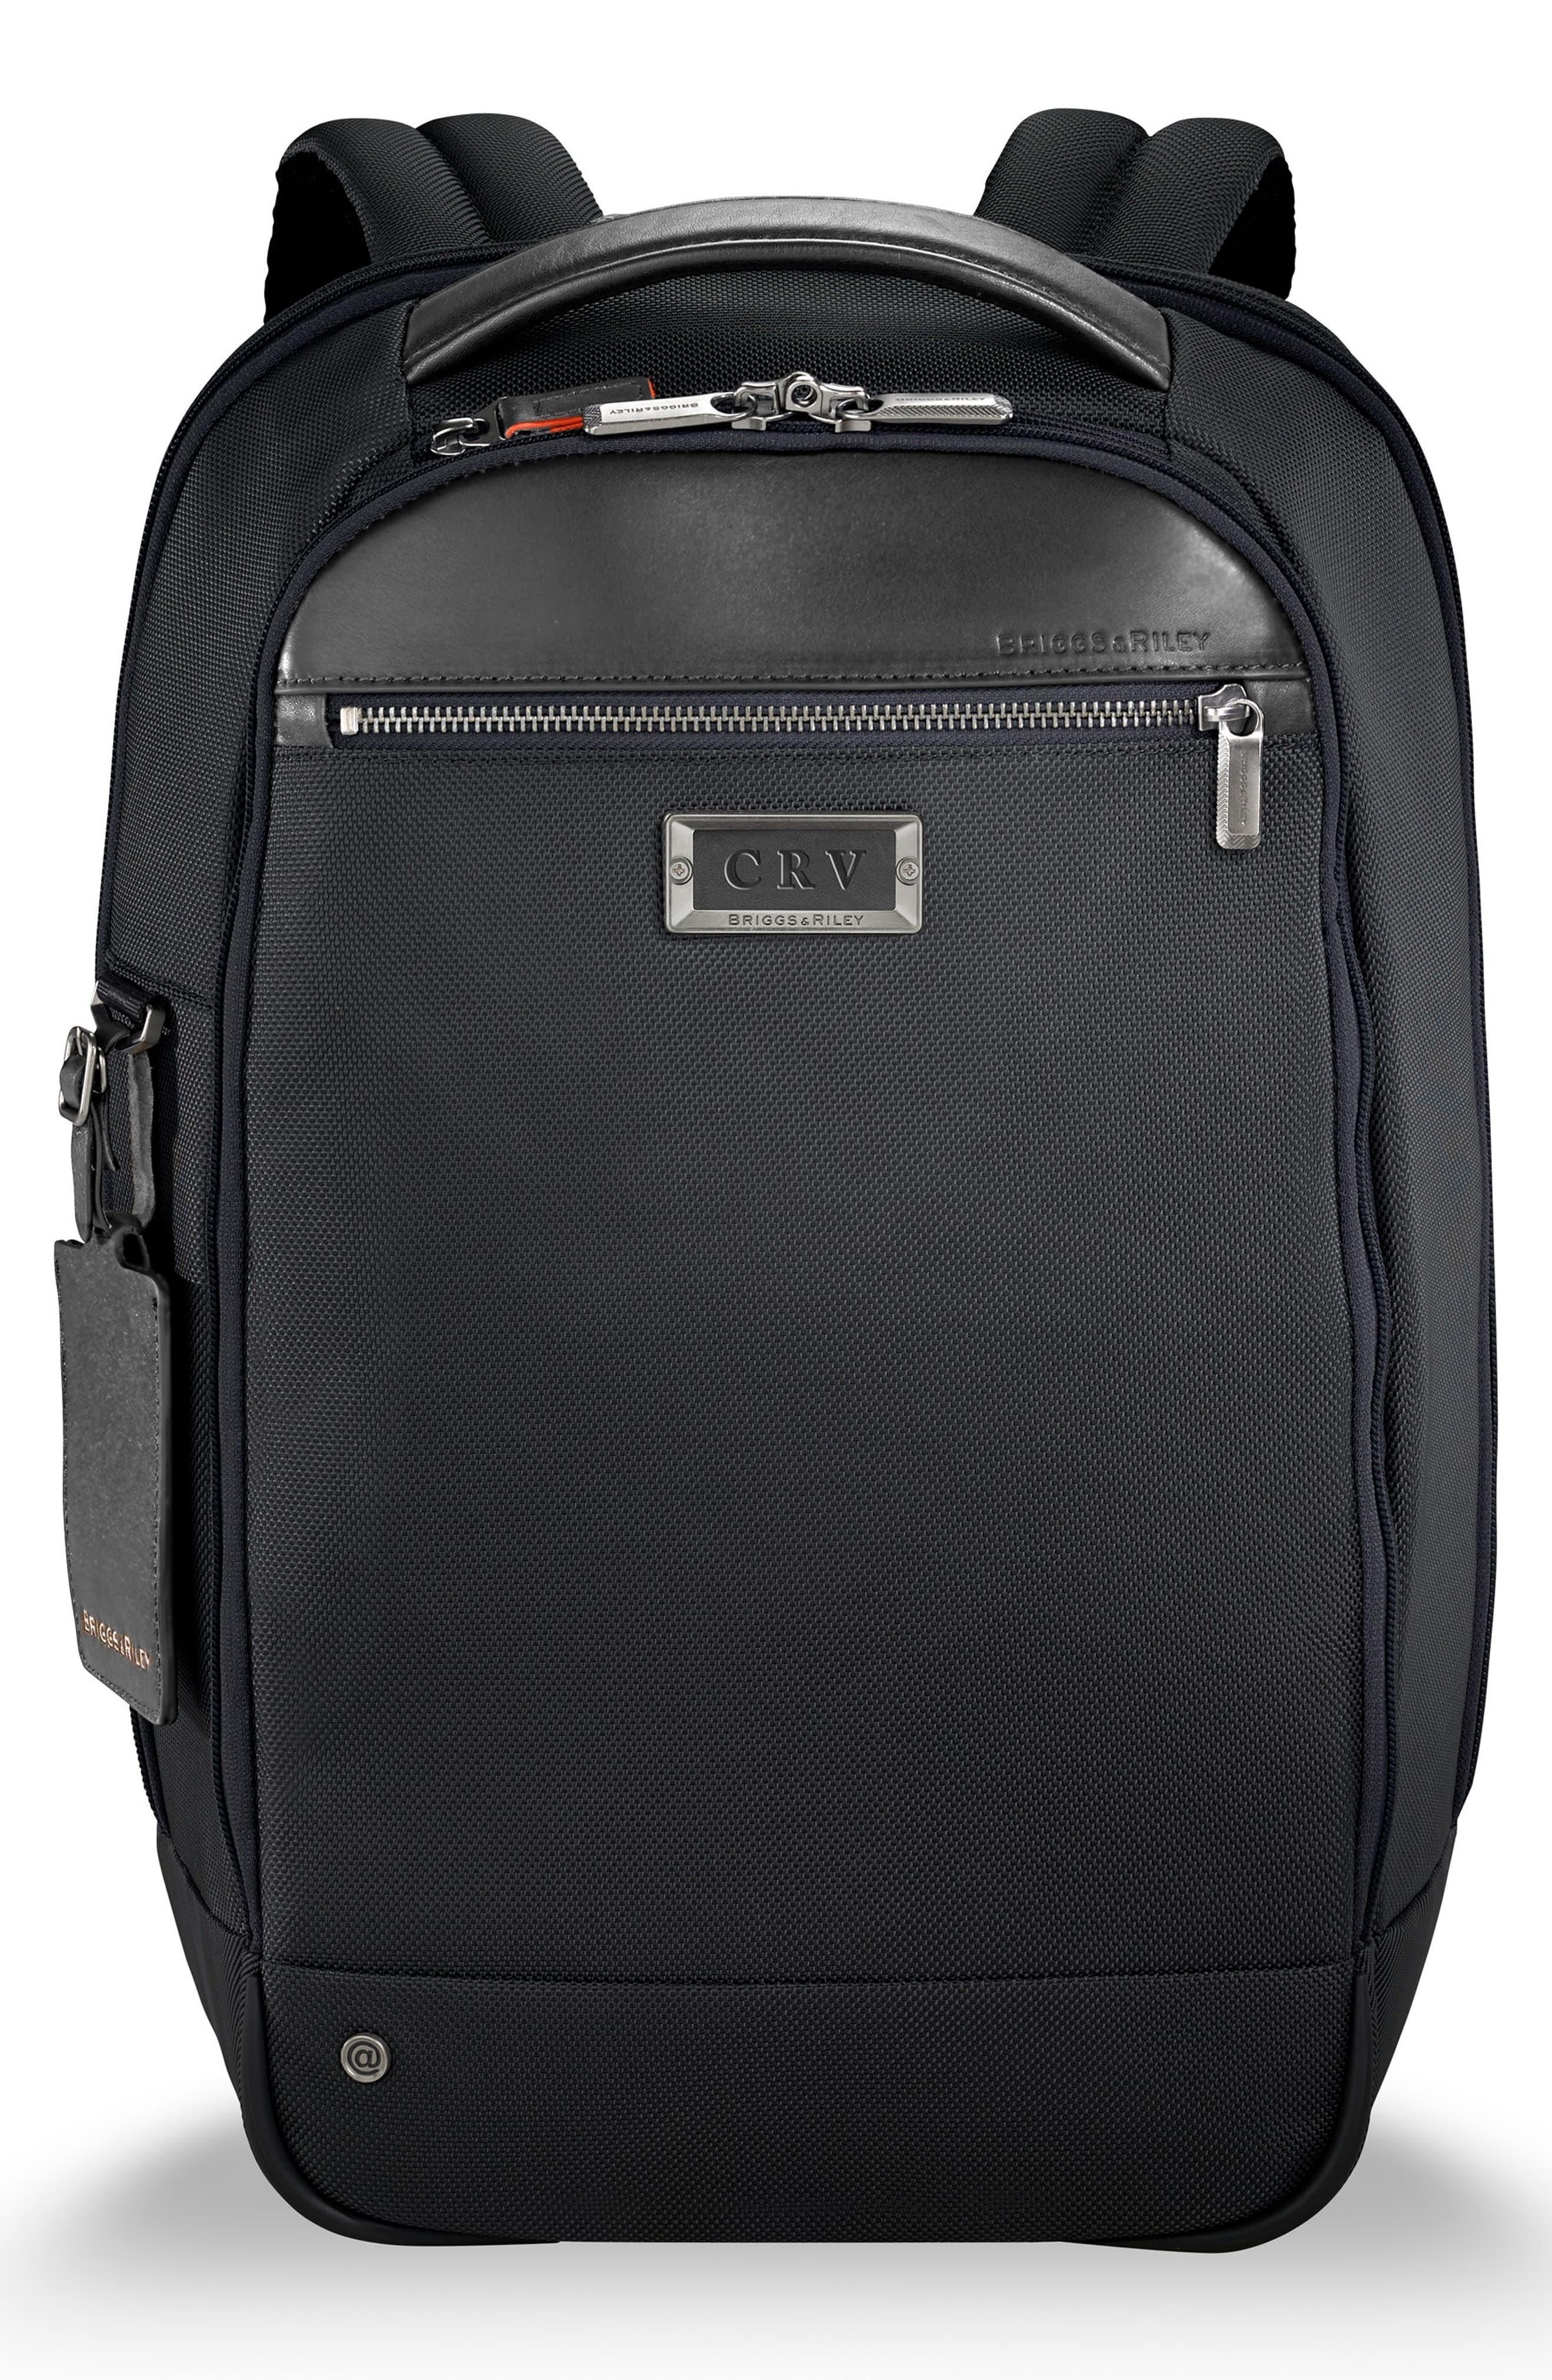 b22441a659 Briggs & Riley @work Medium Backpack (black) Backpack Bags in Black ...